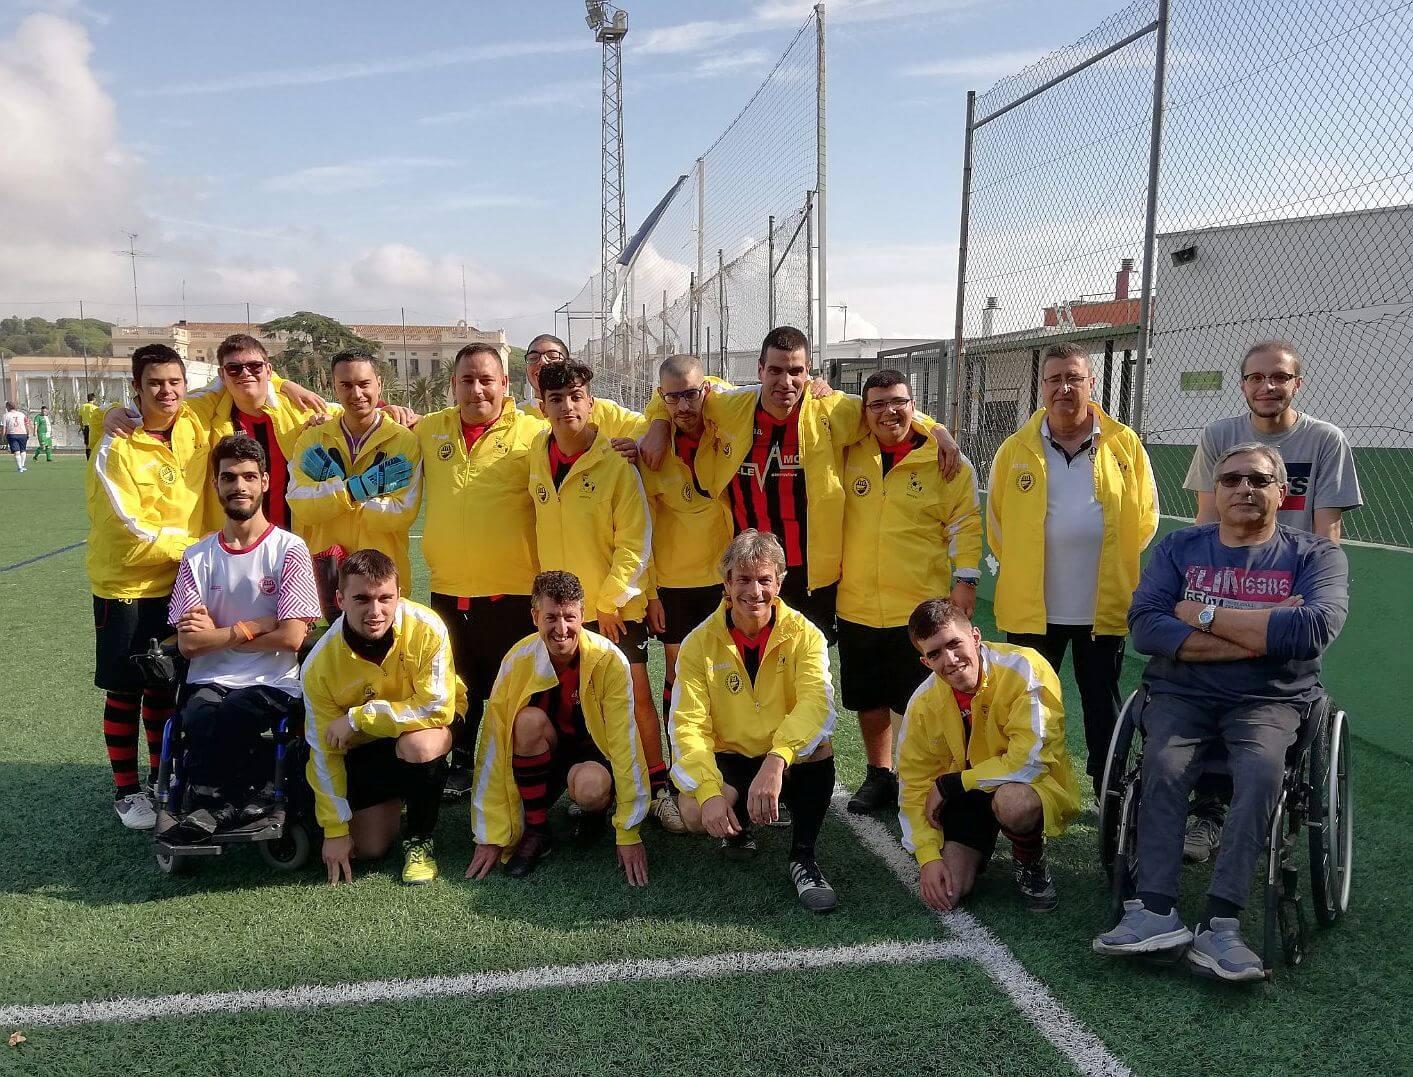 Equip futbol 7 HORITZÓ-CAN MIR @ 08907 L'Hospitalet de Llobregat, Barcelona